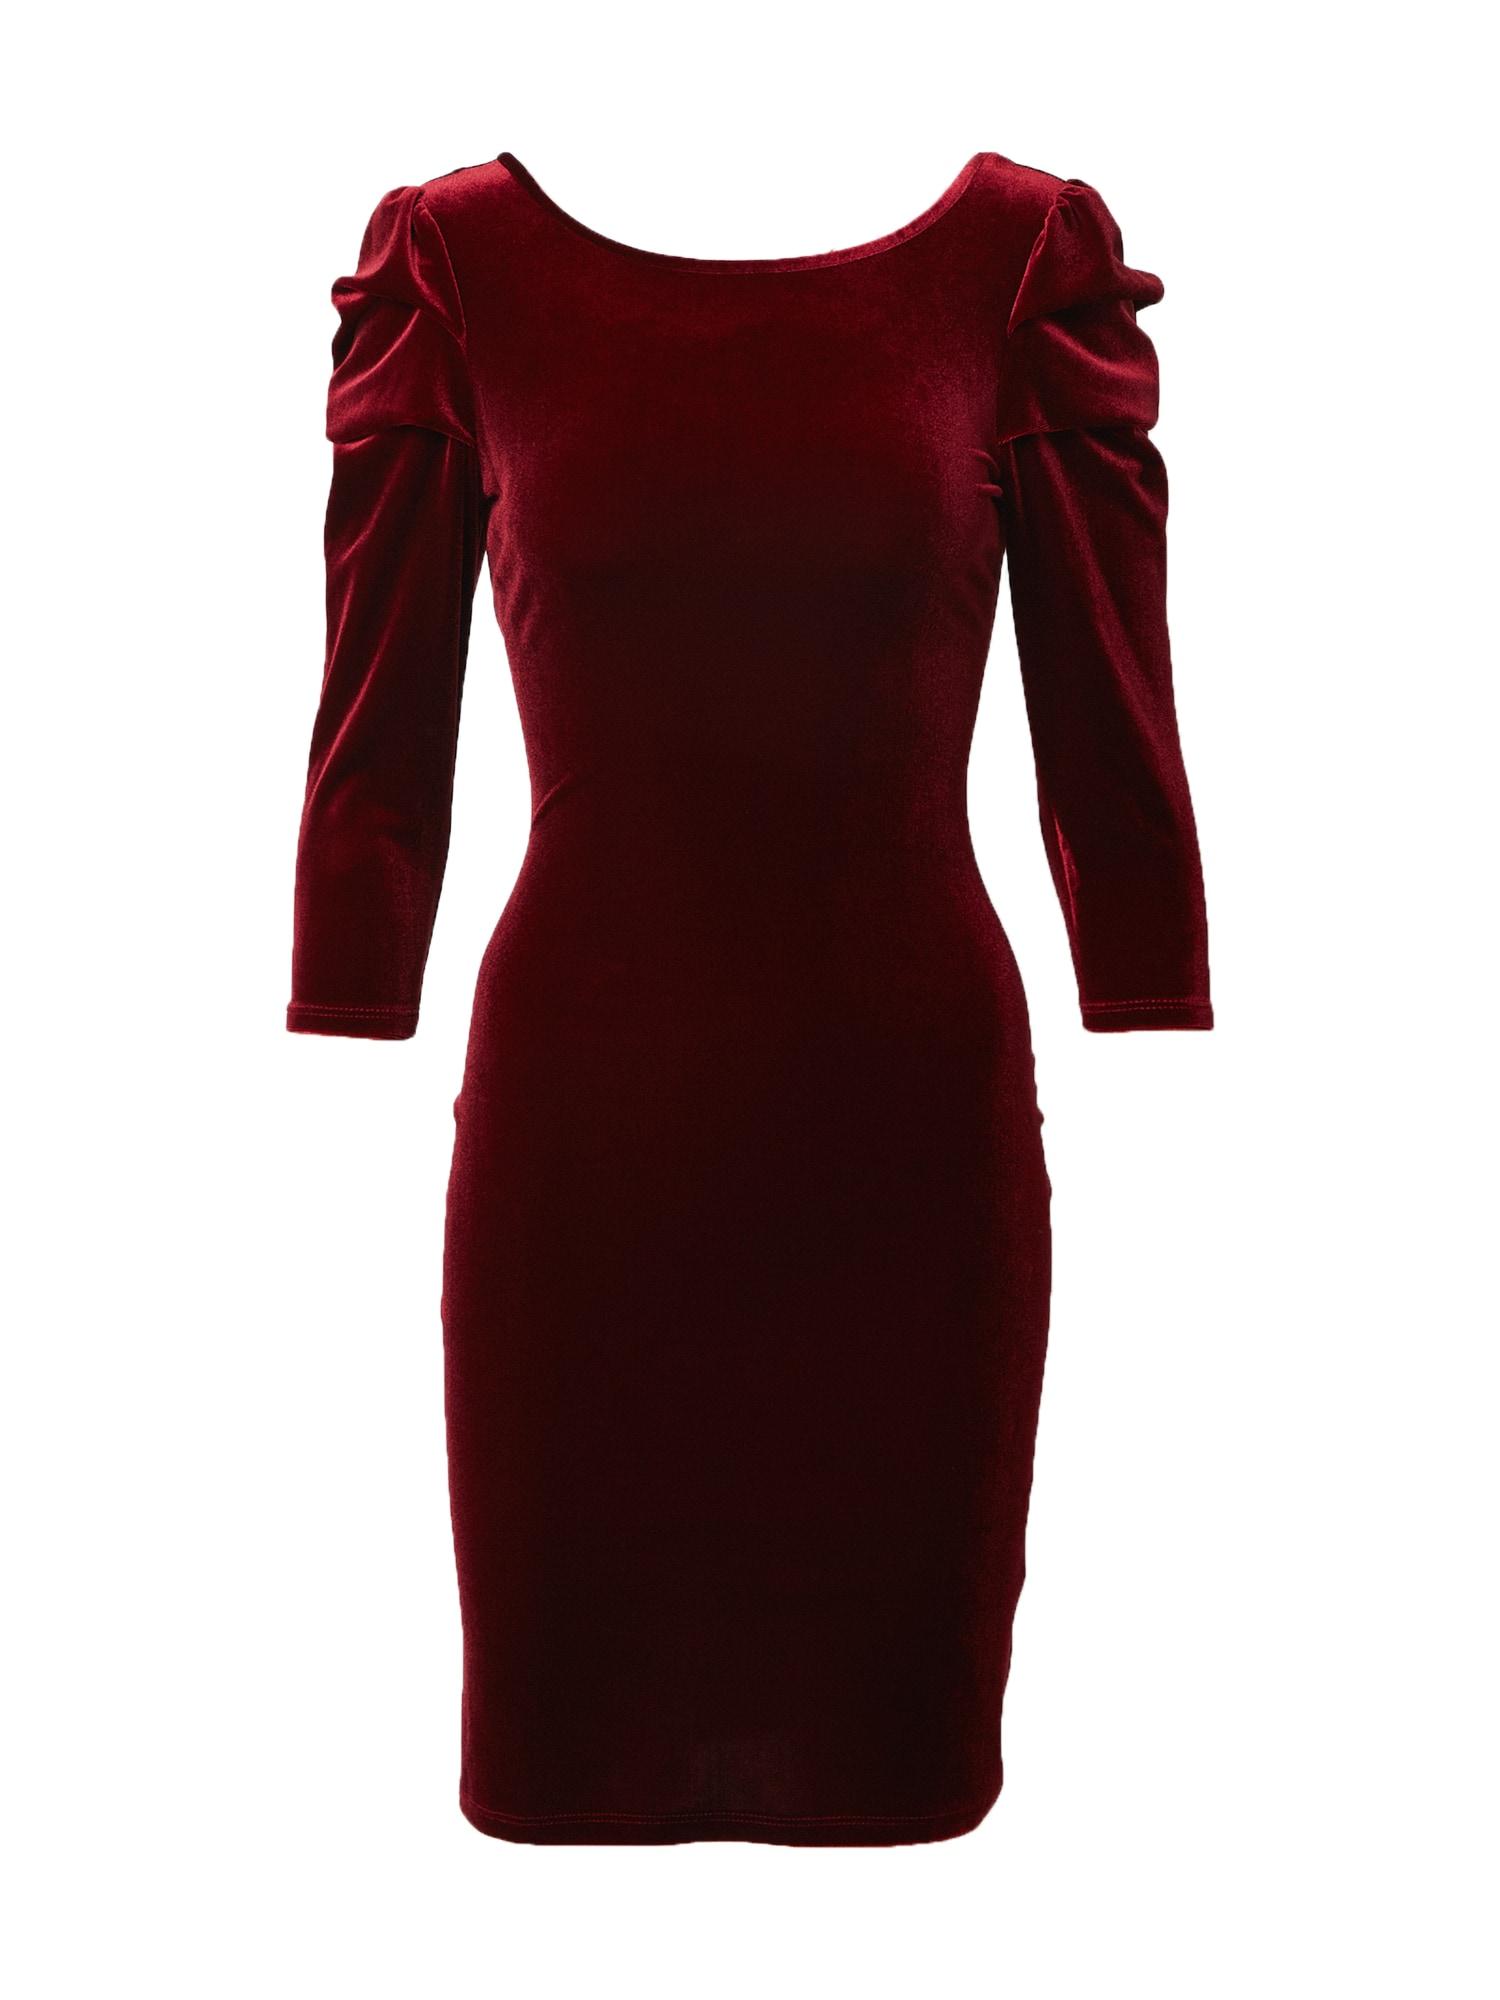 Dorothy Perkins Kokteilinė suknelė vyno raudona spalva